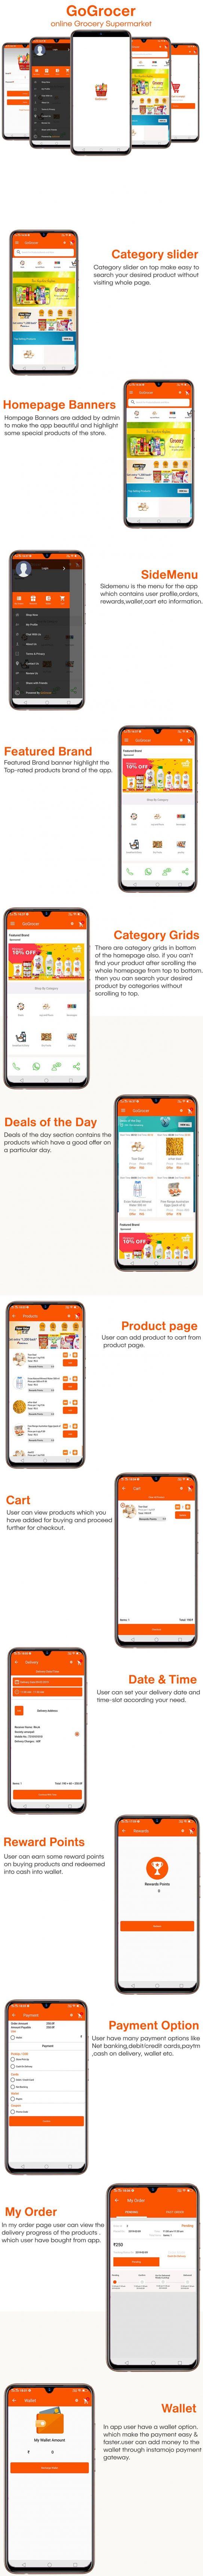 Go Grocer online Grocery Supermarket